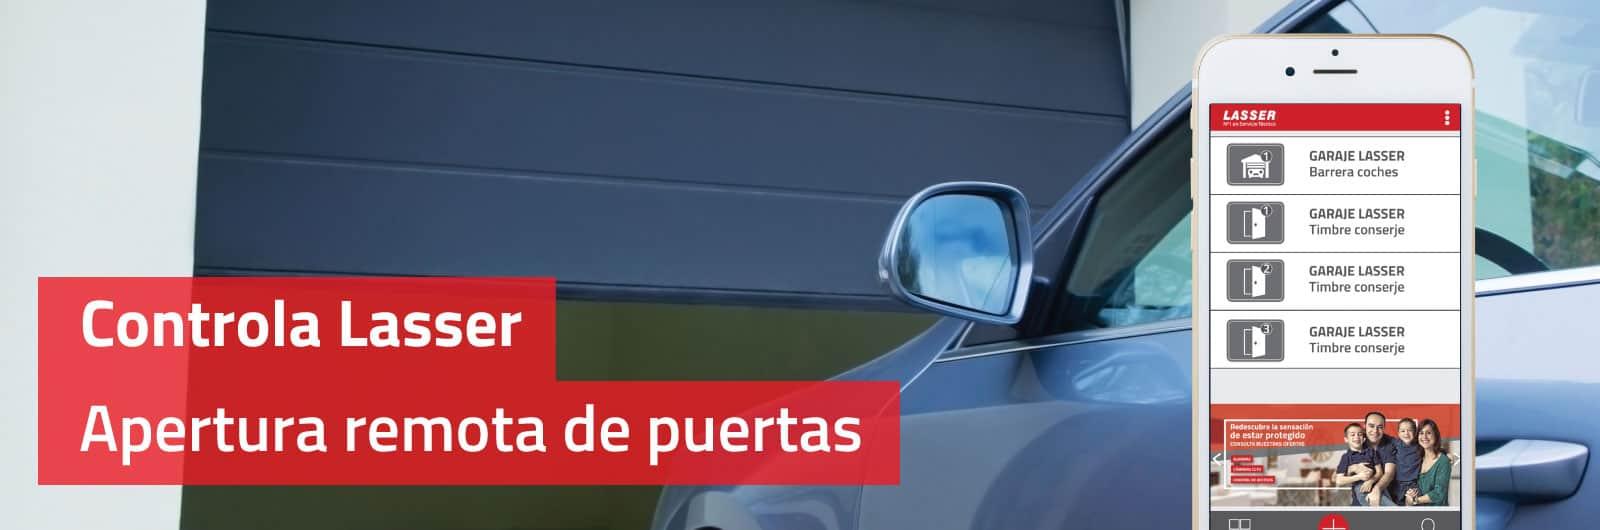 puertas-automaticas-app-controla